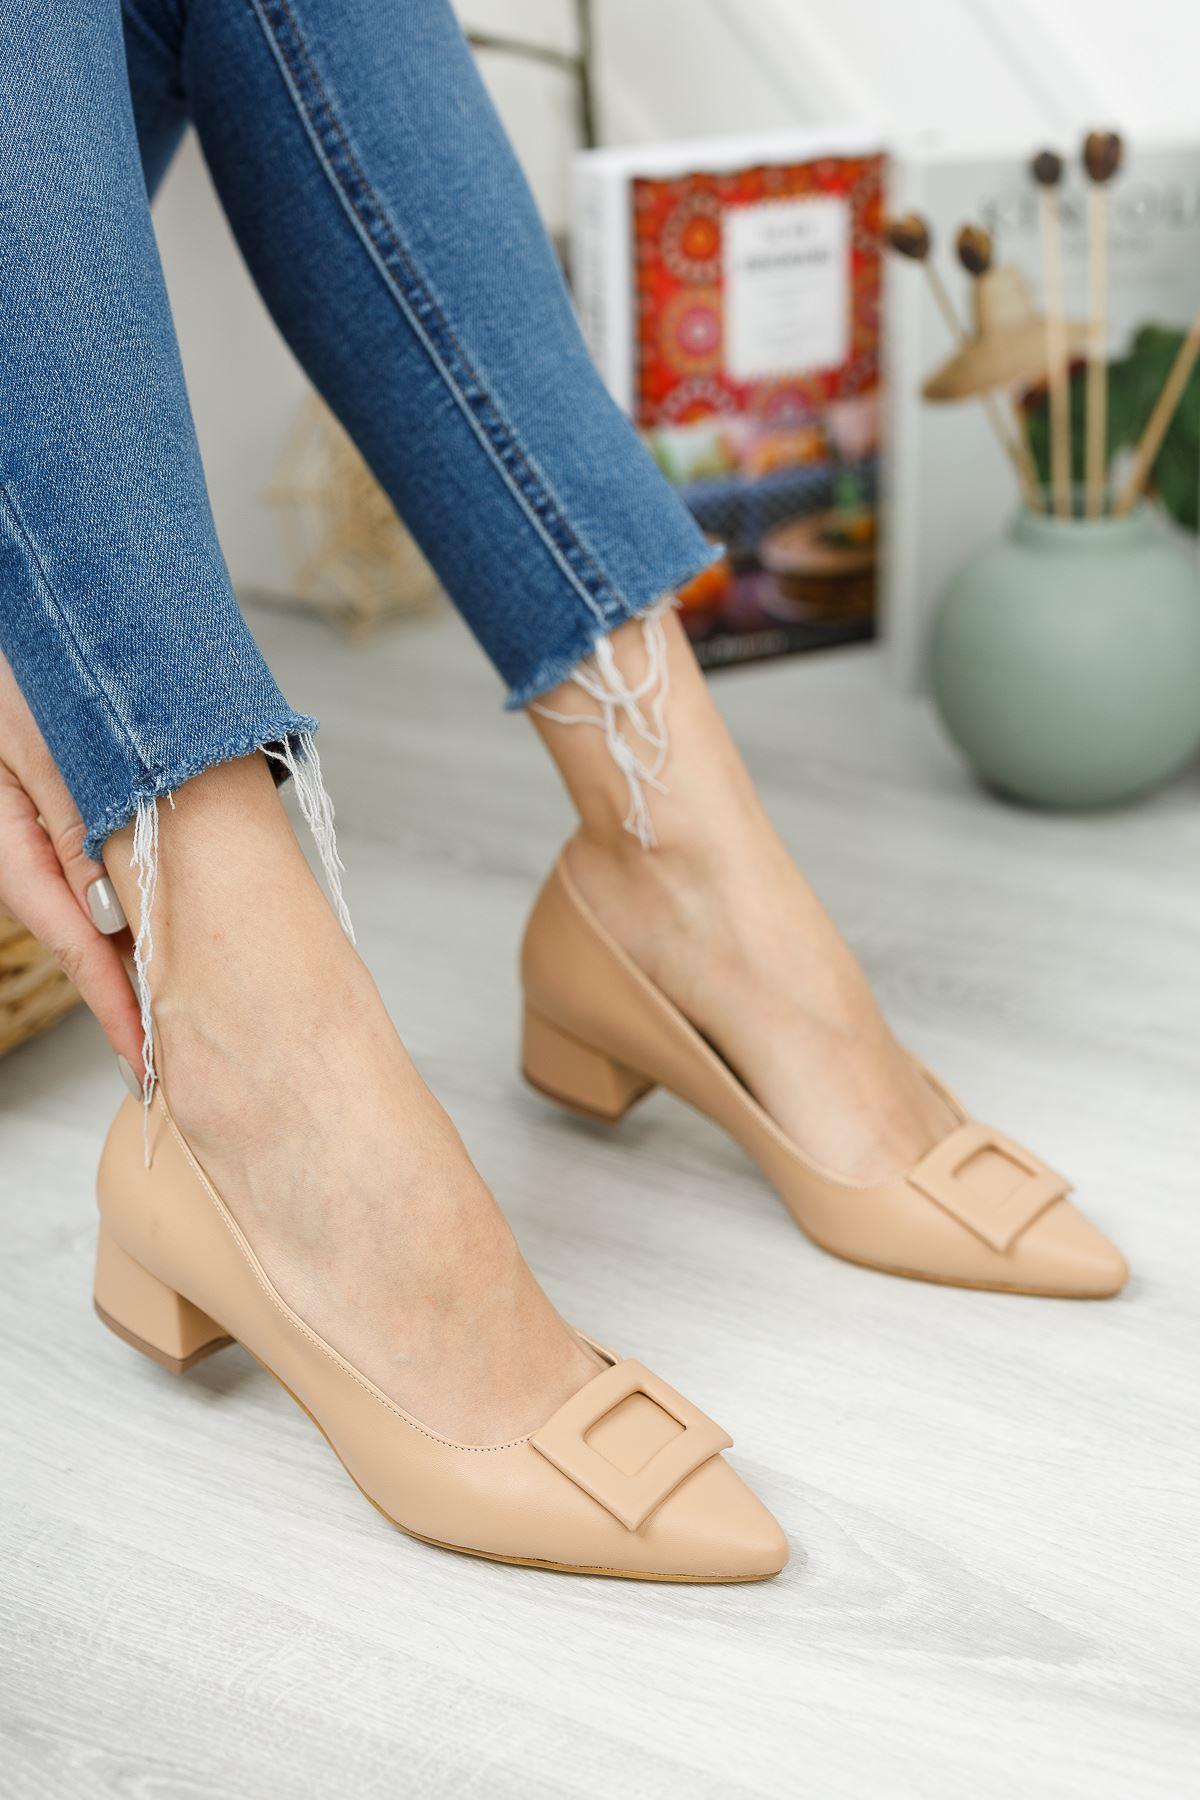 Nude Deri Sivri Kalıp Toka Detaylı Kısa Kalın Topuklu Ayakkabı